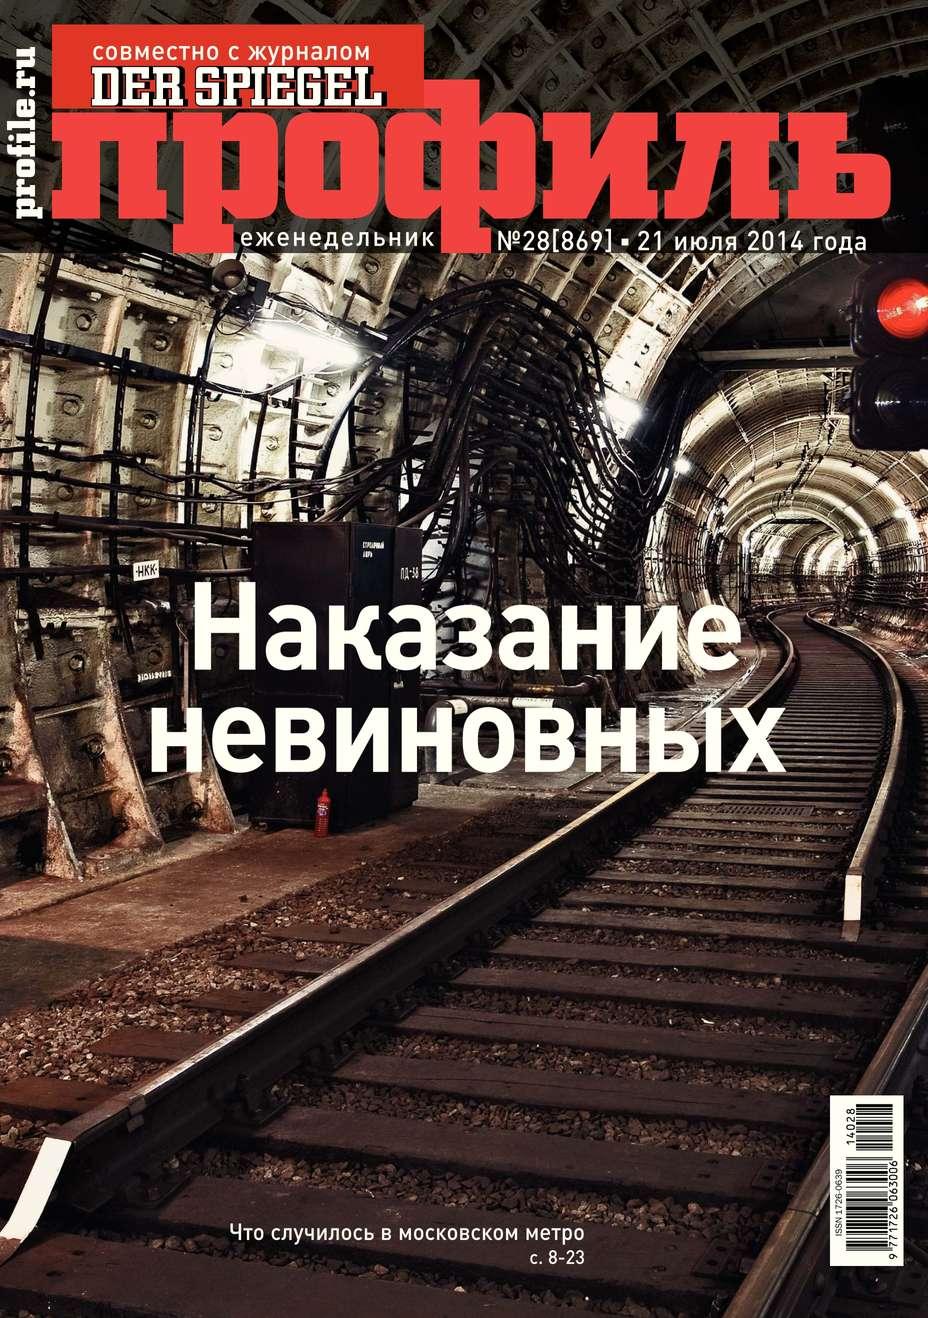 Редакция журнала Профиль Профиль 28-2014